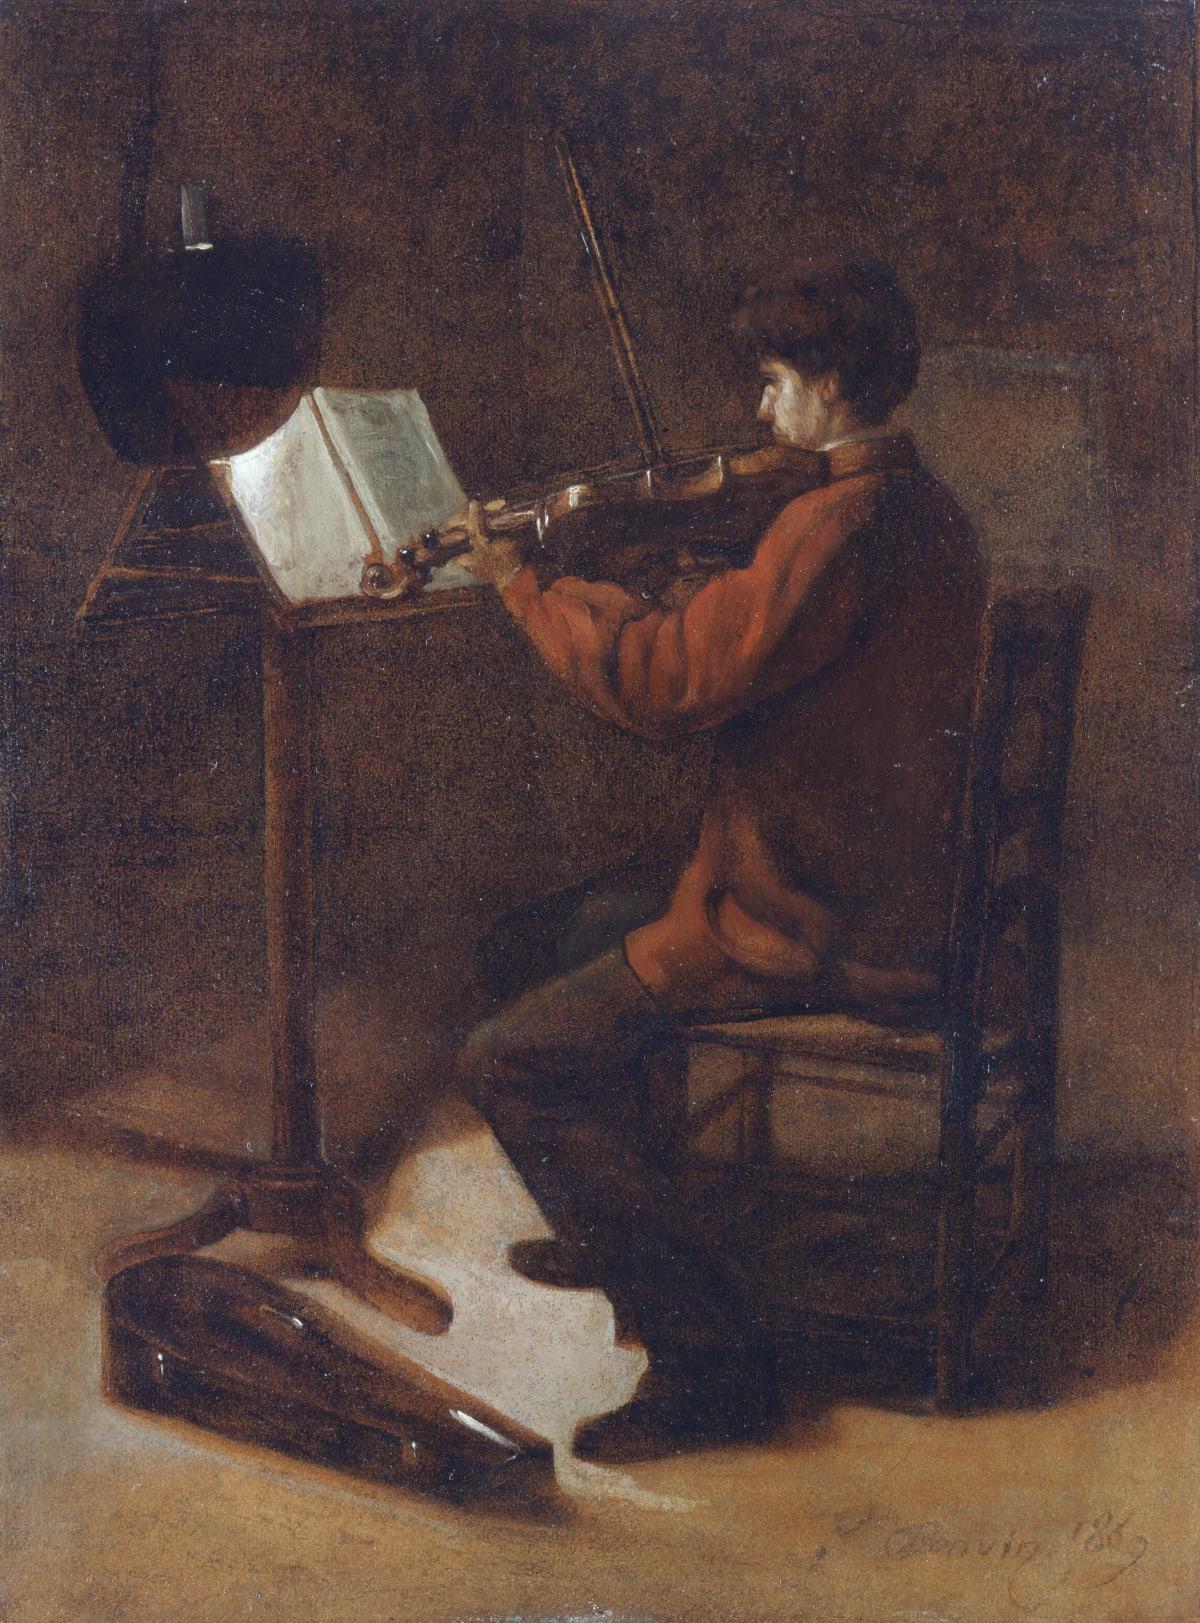 François Bonvin, Le violoniste, 1869